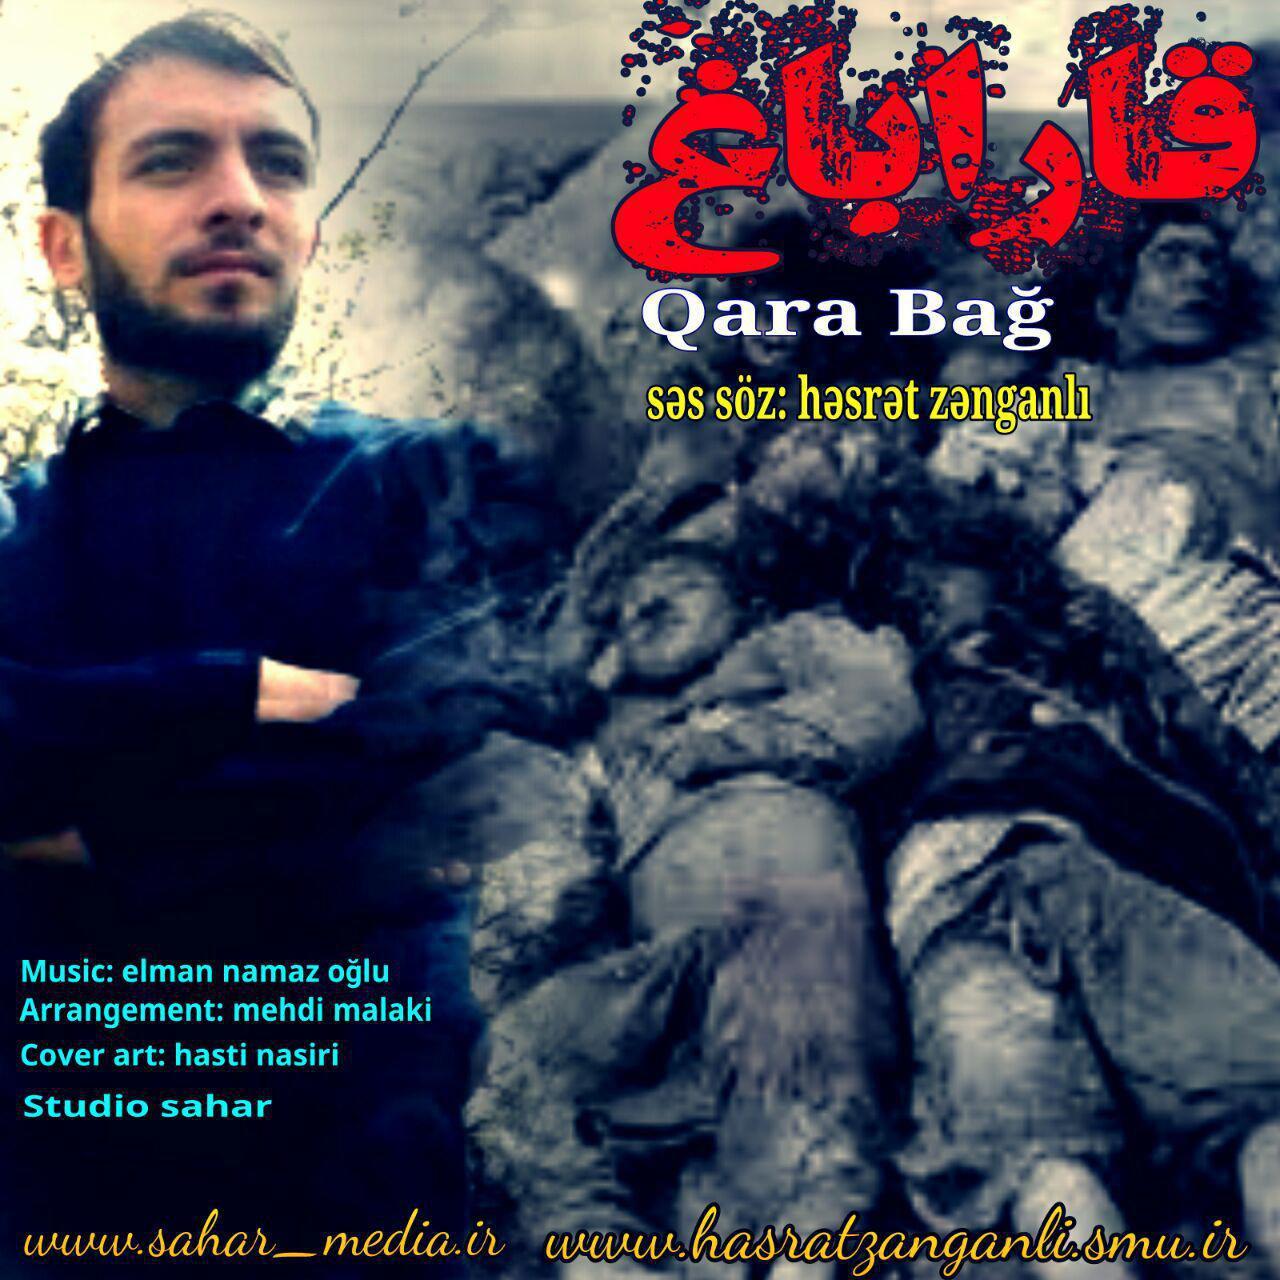 http://s9.picofile.com/file/8336050100/01Hasrat_Zanganli_Qara_Bag.jpg